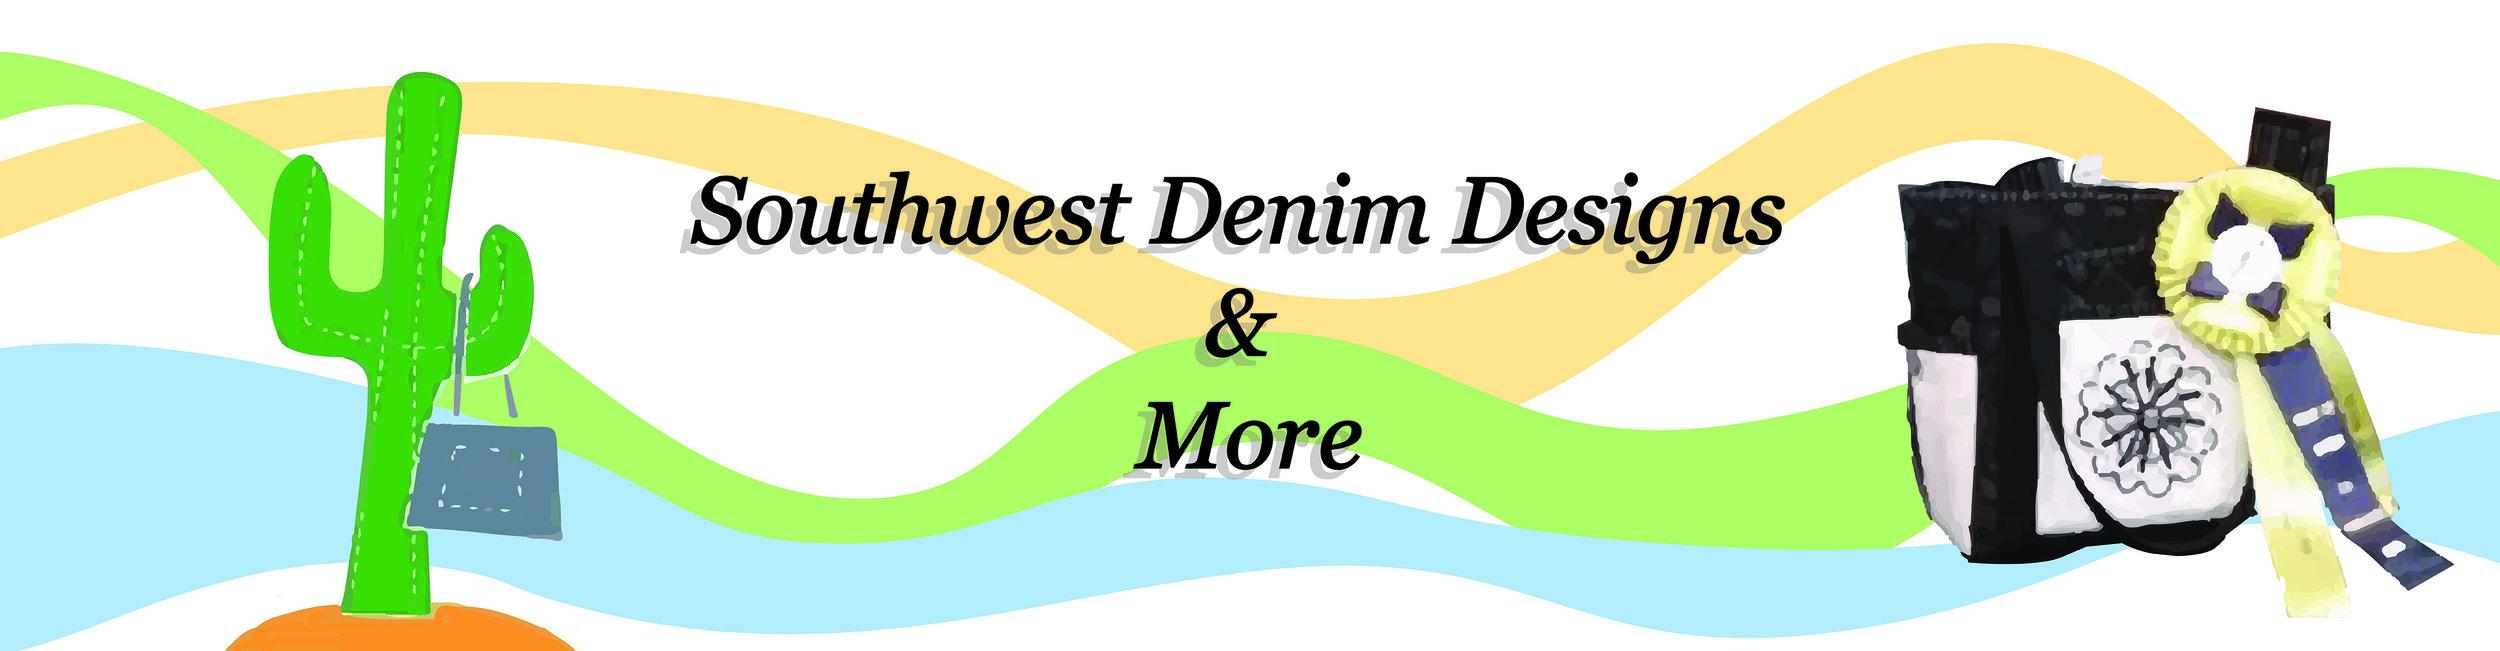 Southwest Denim Banner-LR.jpg